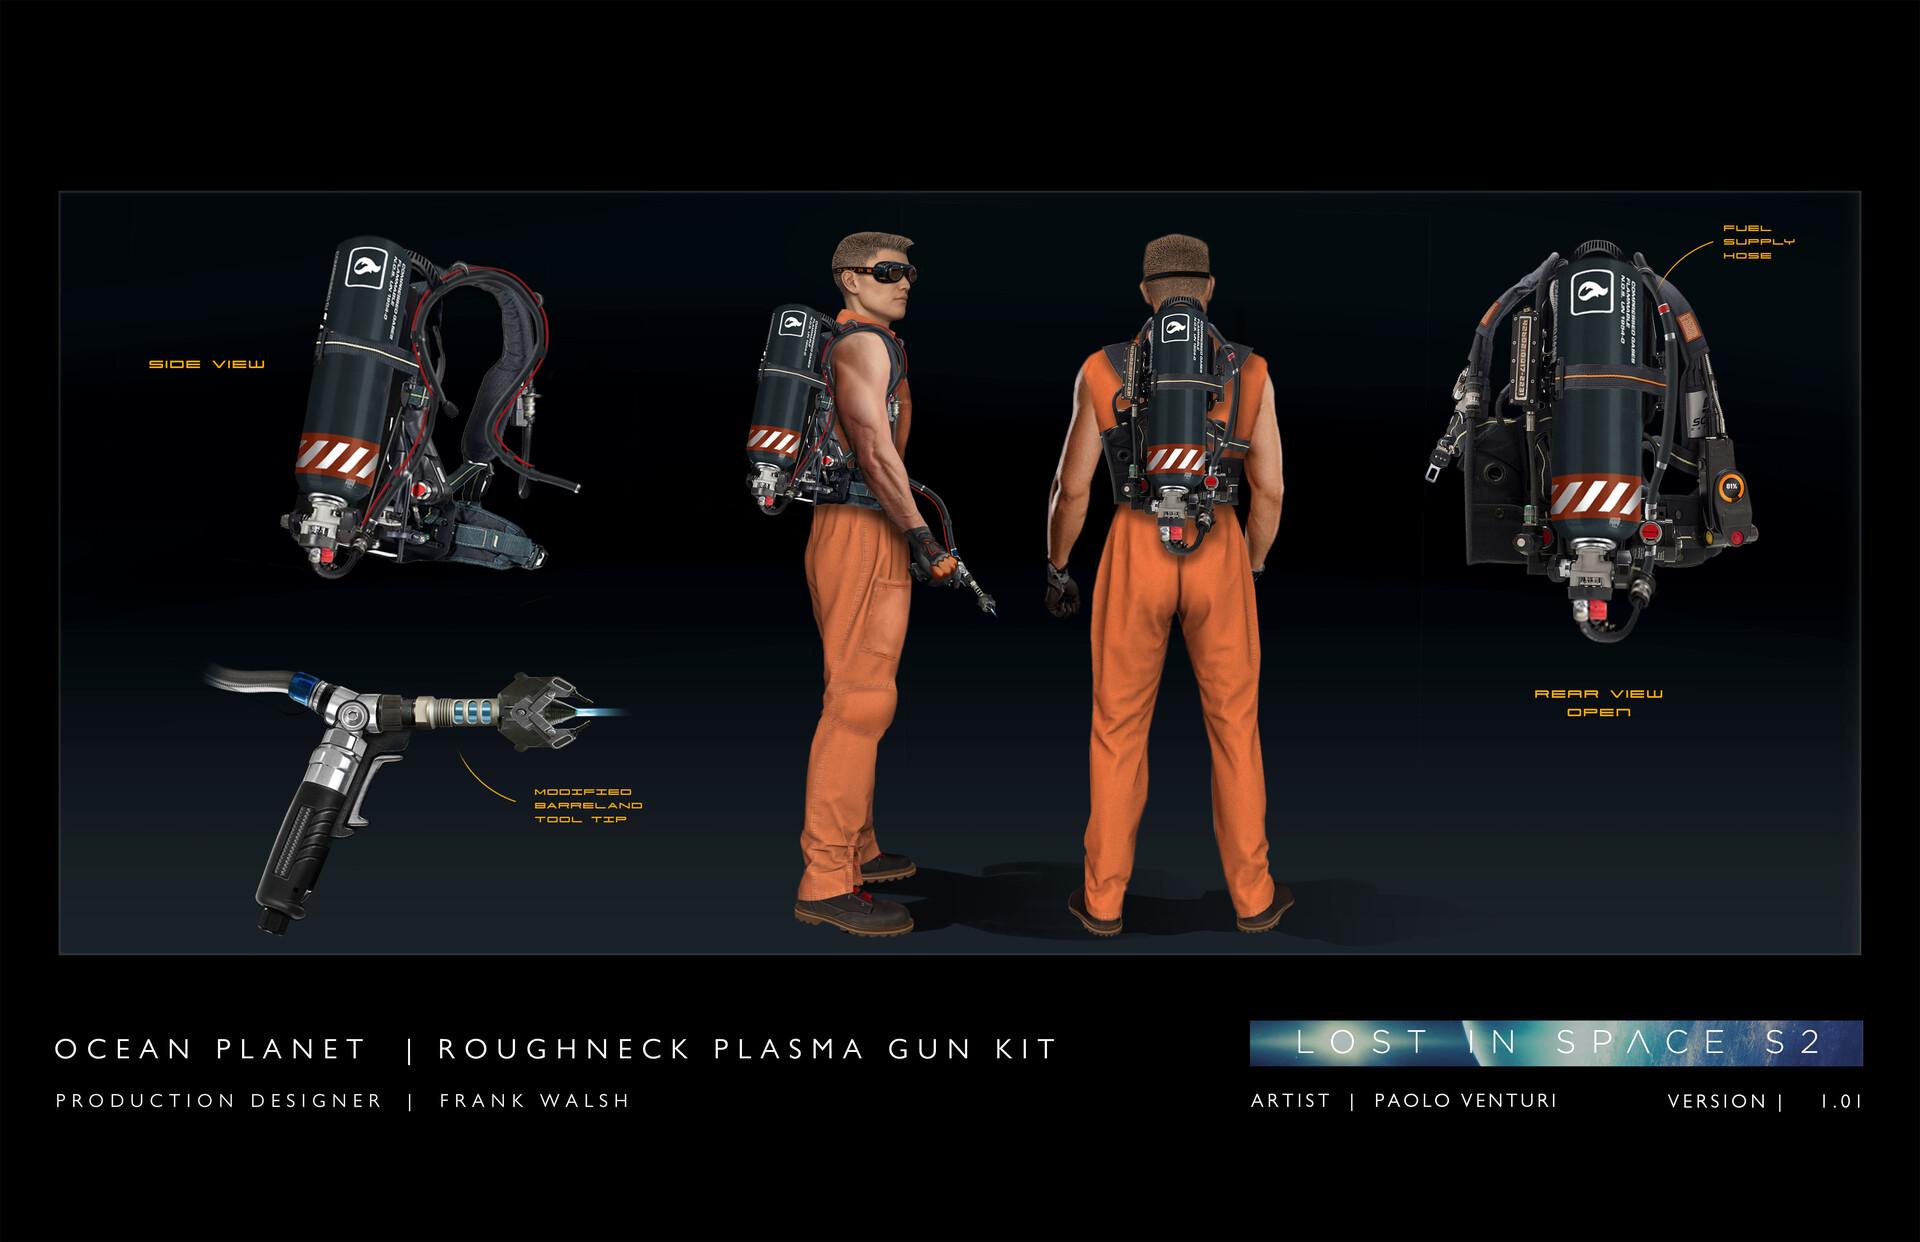 Plasma Cutter's Gear / Lost in Space Season 2